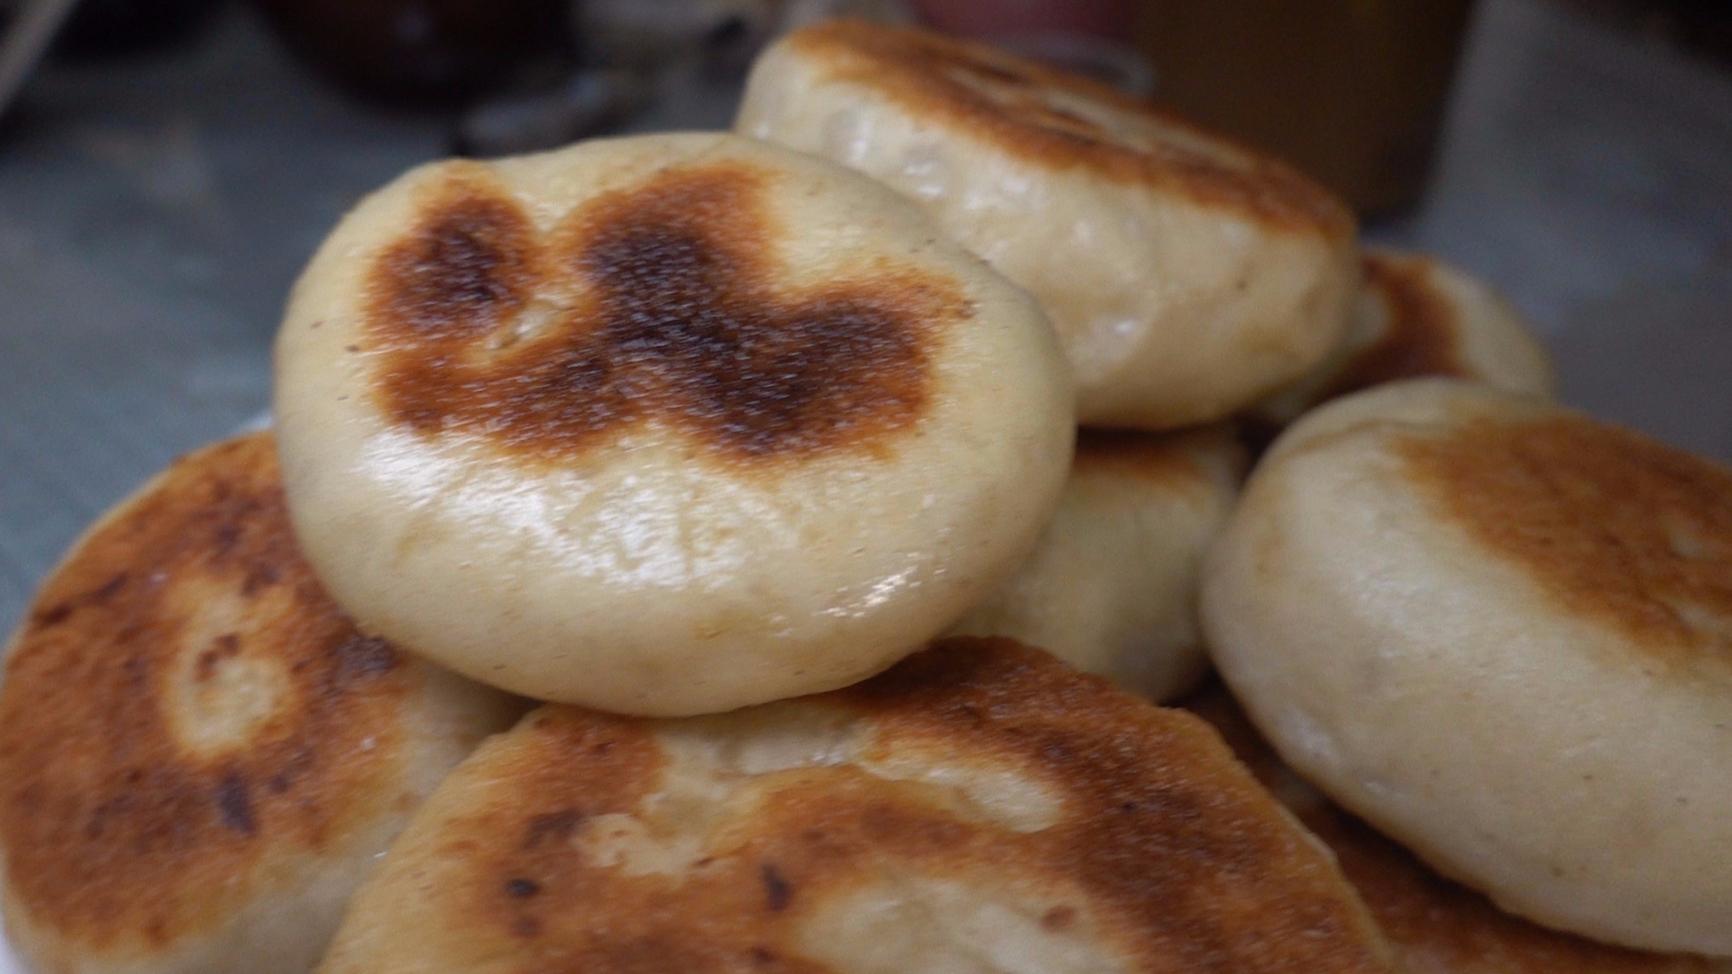 【老司马的日常食堂】豆沙枣泥饼就着凉拌白菜心,喝一碗燕麦黑米粥老舒服了